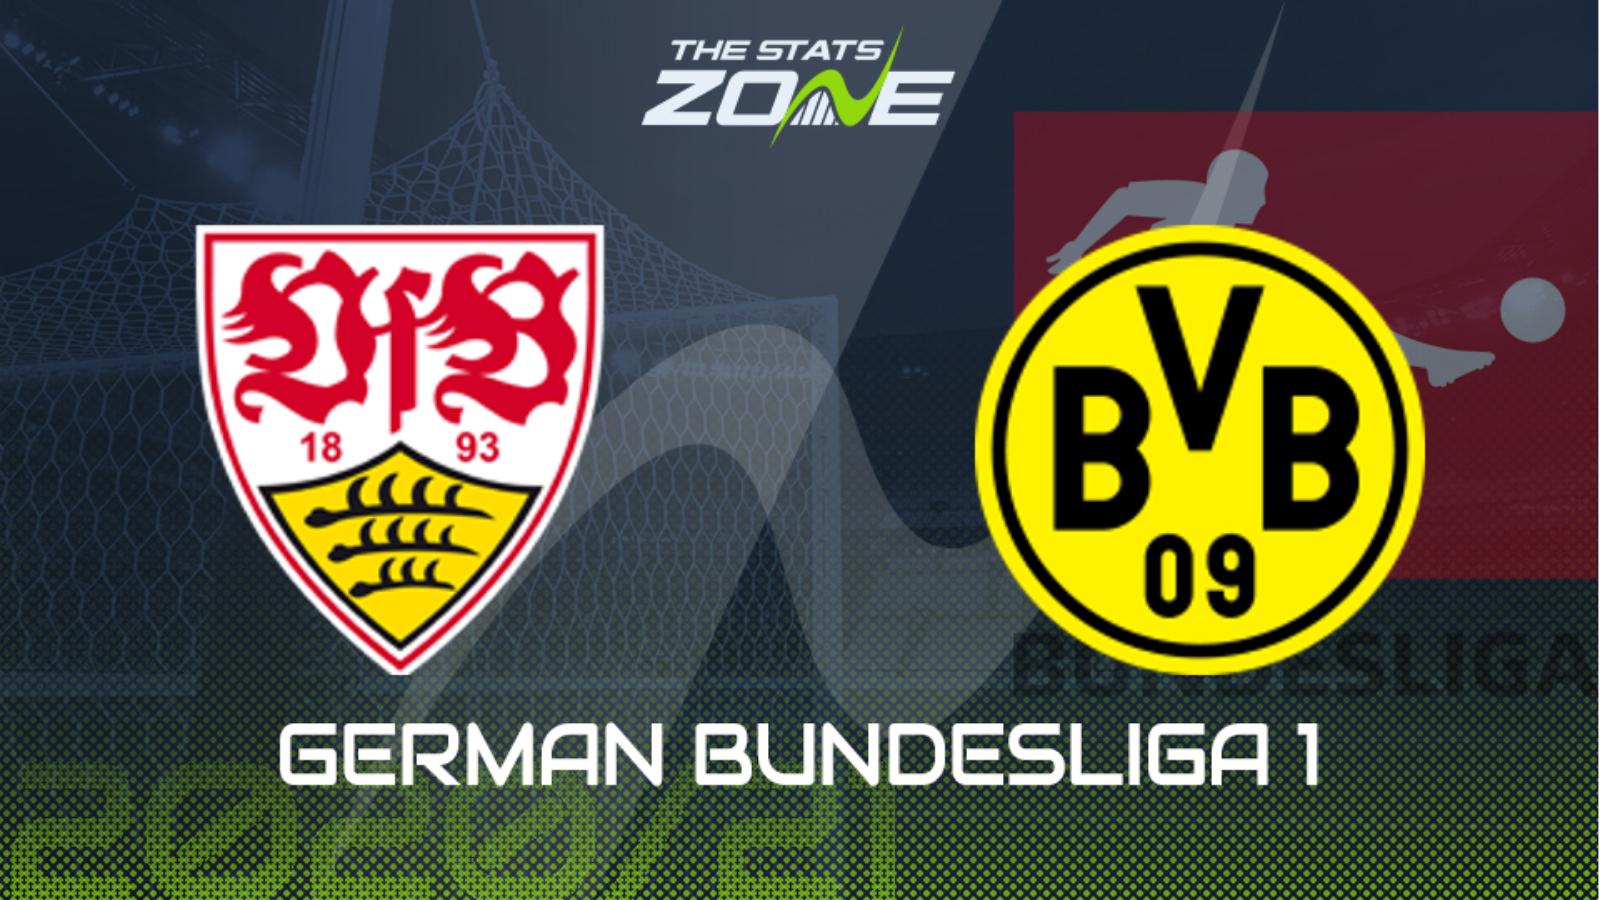 Stuttgart vs Dortmund Full Match – Bundesliga 2020/21